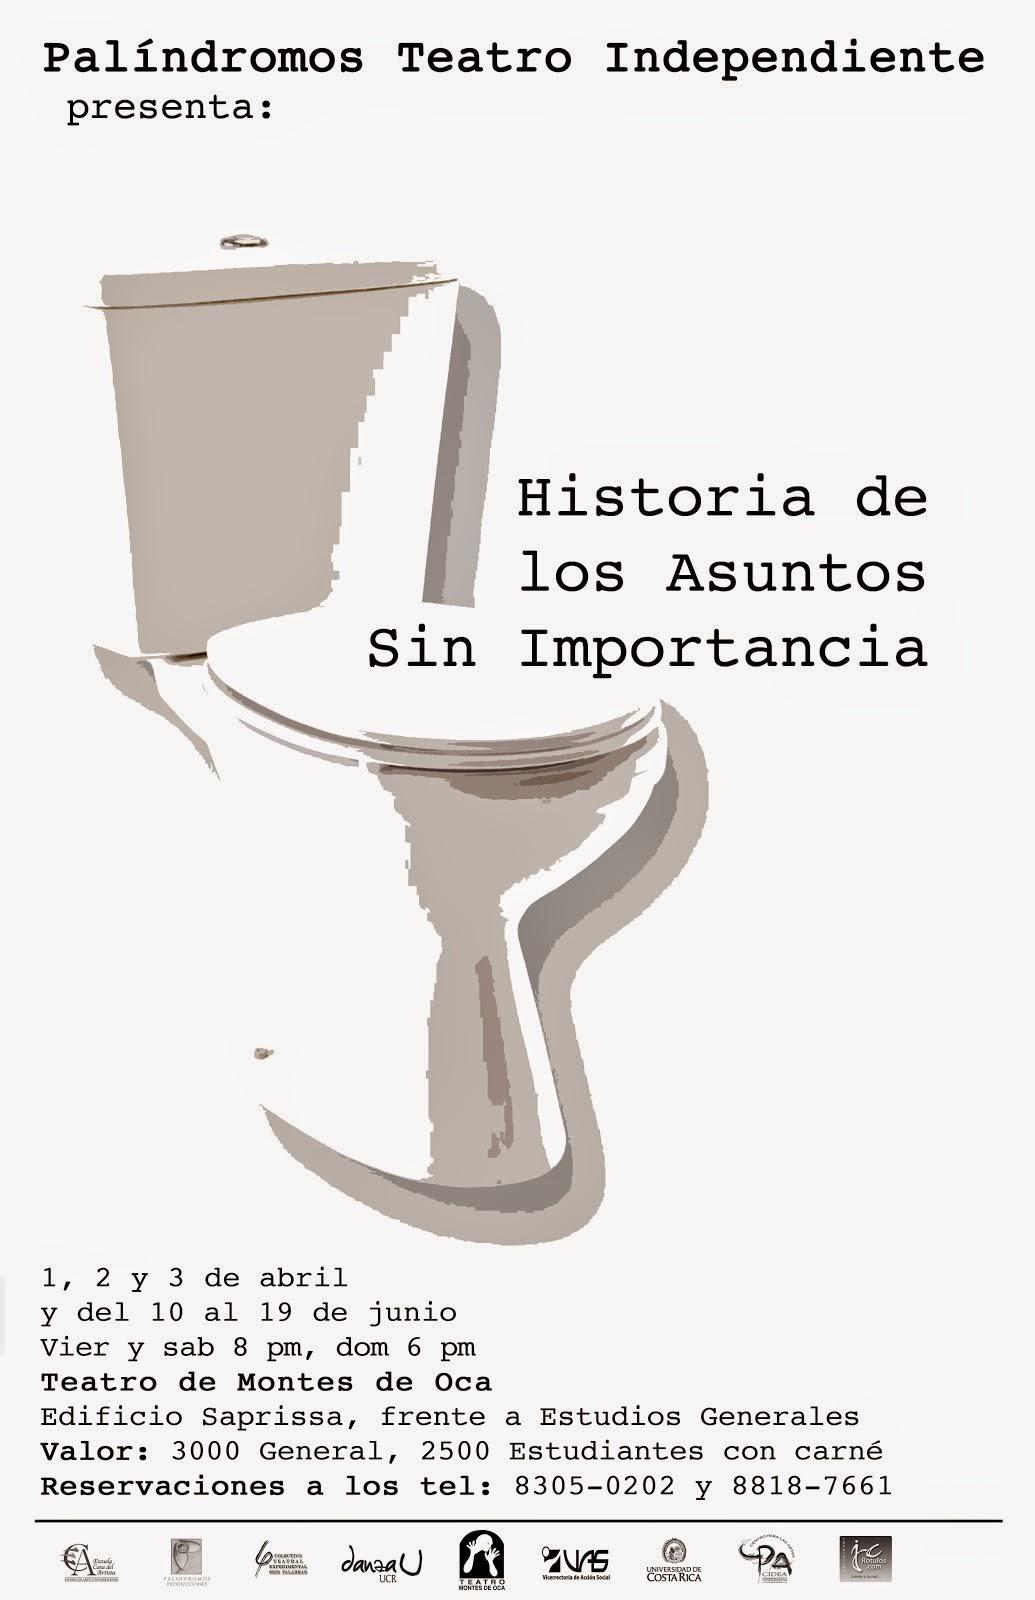 Historia de los Asuntos Sin Importancia